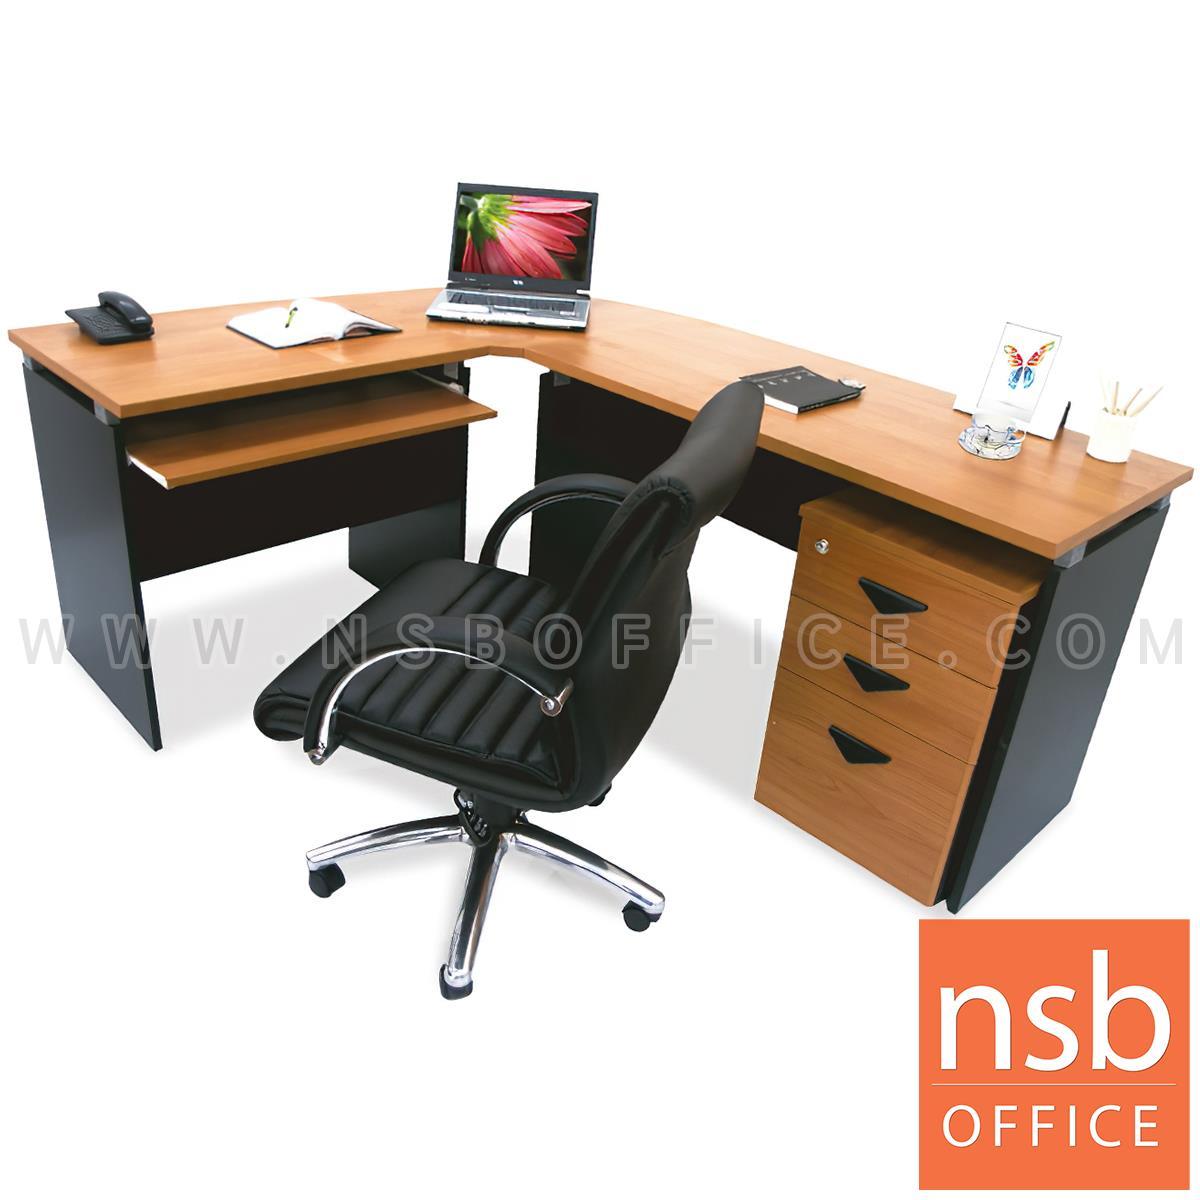 โต๊ะผู้บริหารตัวแอล  รุ่น NOCI  ขนาด 180W1*140W2 cm. เมลามีน